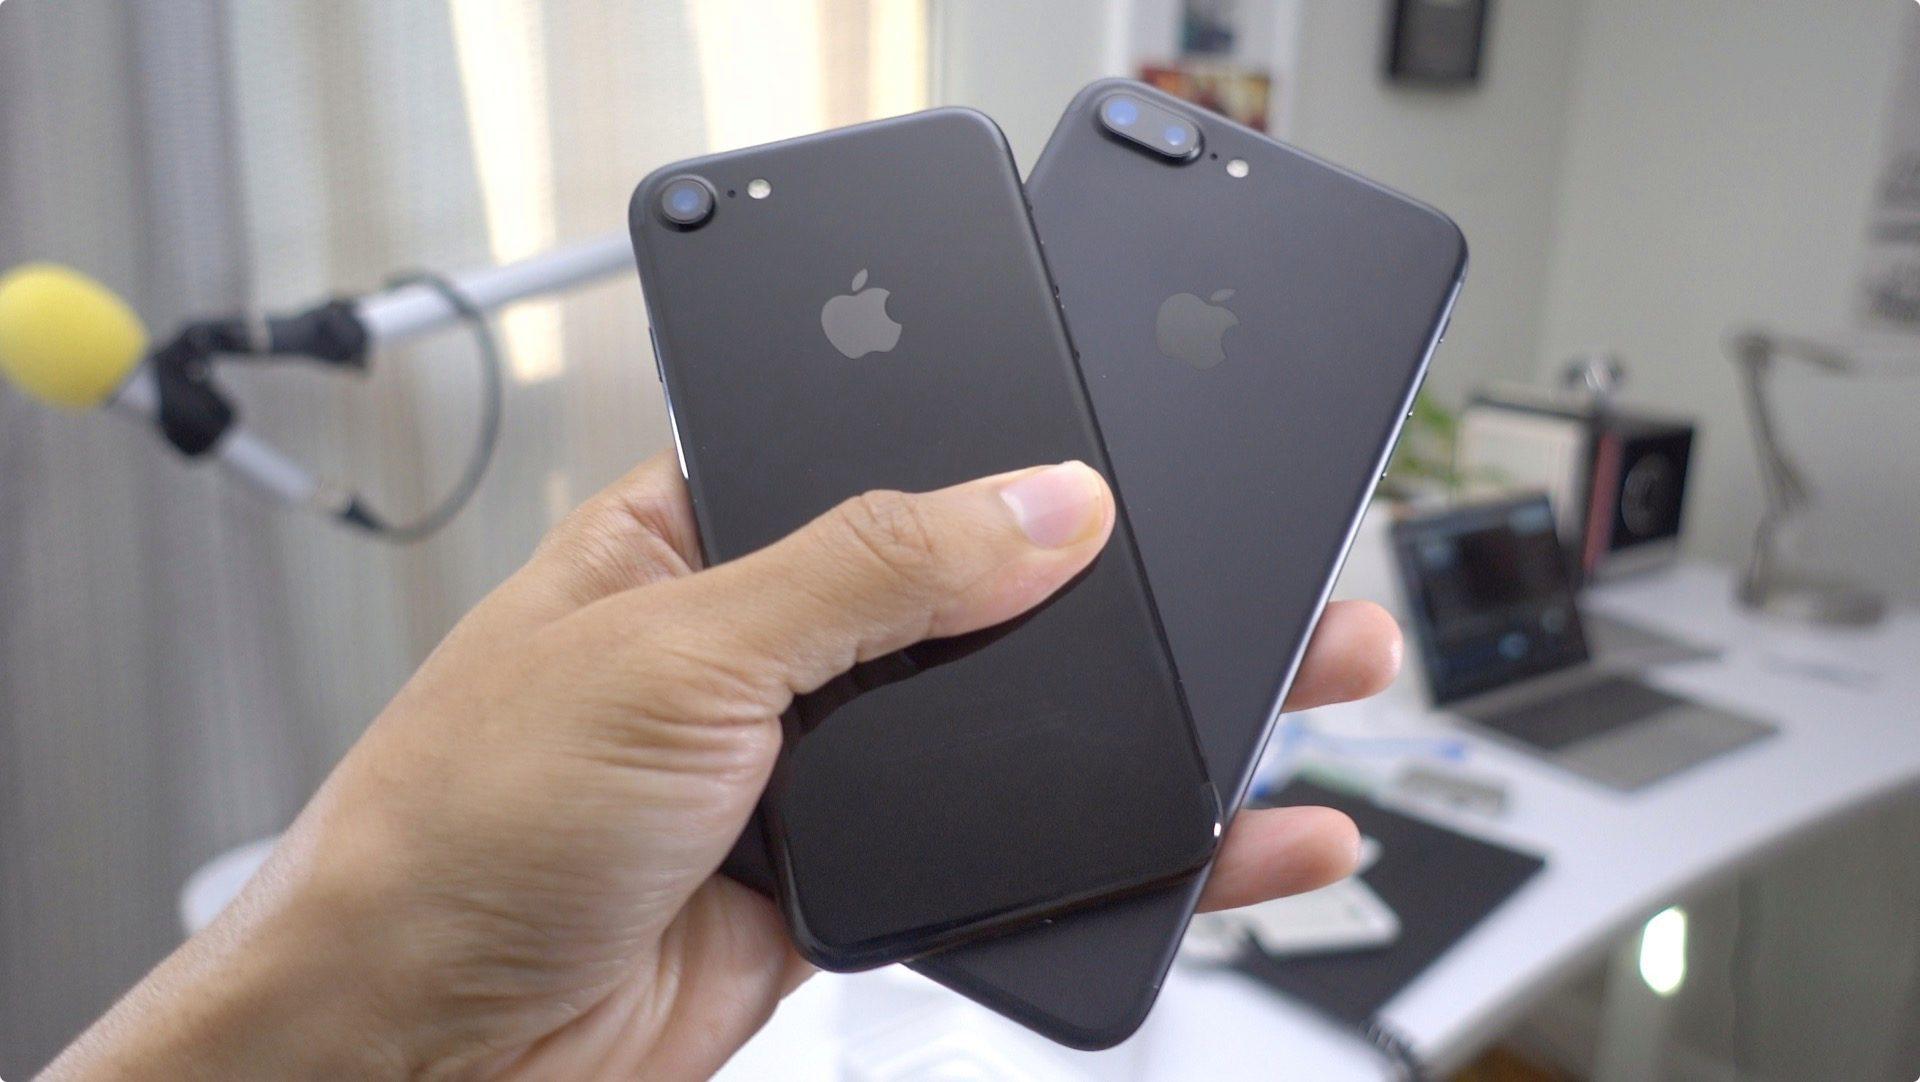 """<span href=""""https://9to5mac.com/2019/09/19/download-the-new-iphone-11-and-iphone-11-pro-wallpapers/"""">Descargar el nuevo iPhone el 11 y el iPhone 11 Pro fondos de pantalla aquí [Galería]</a>"""